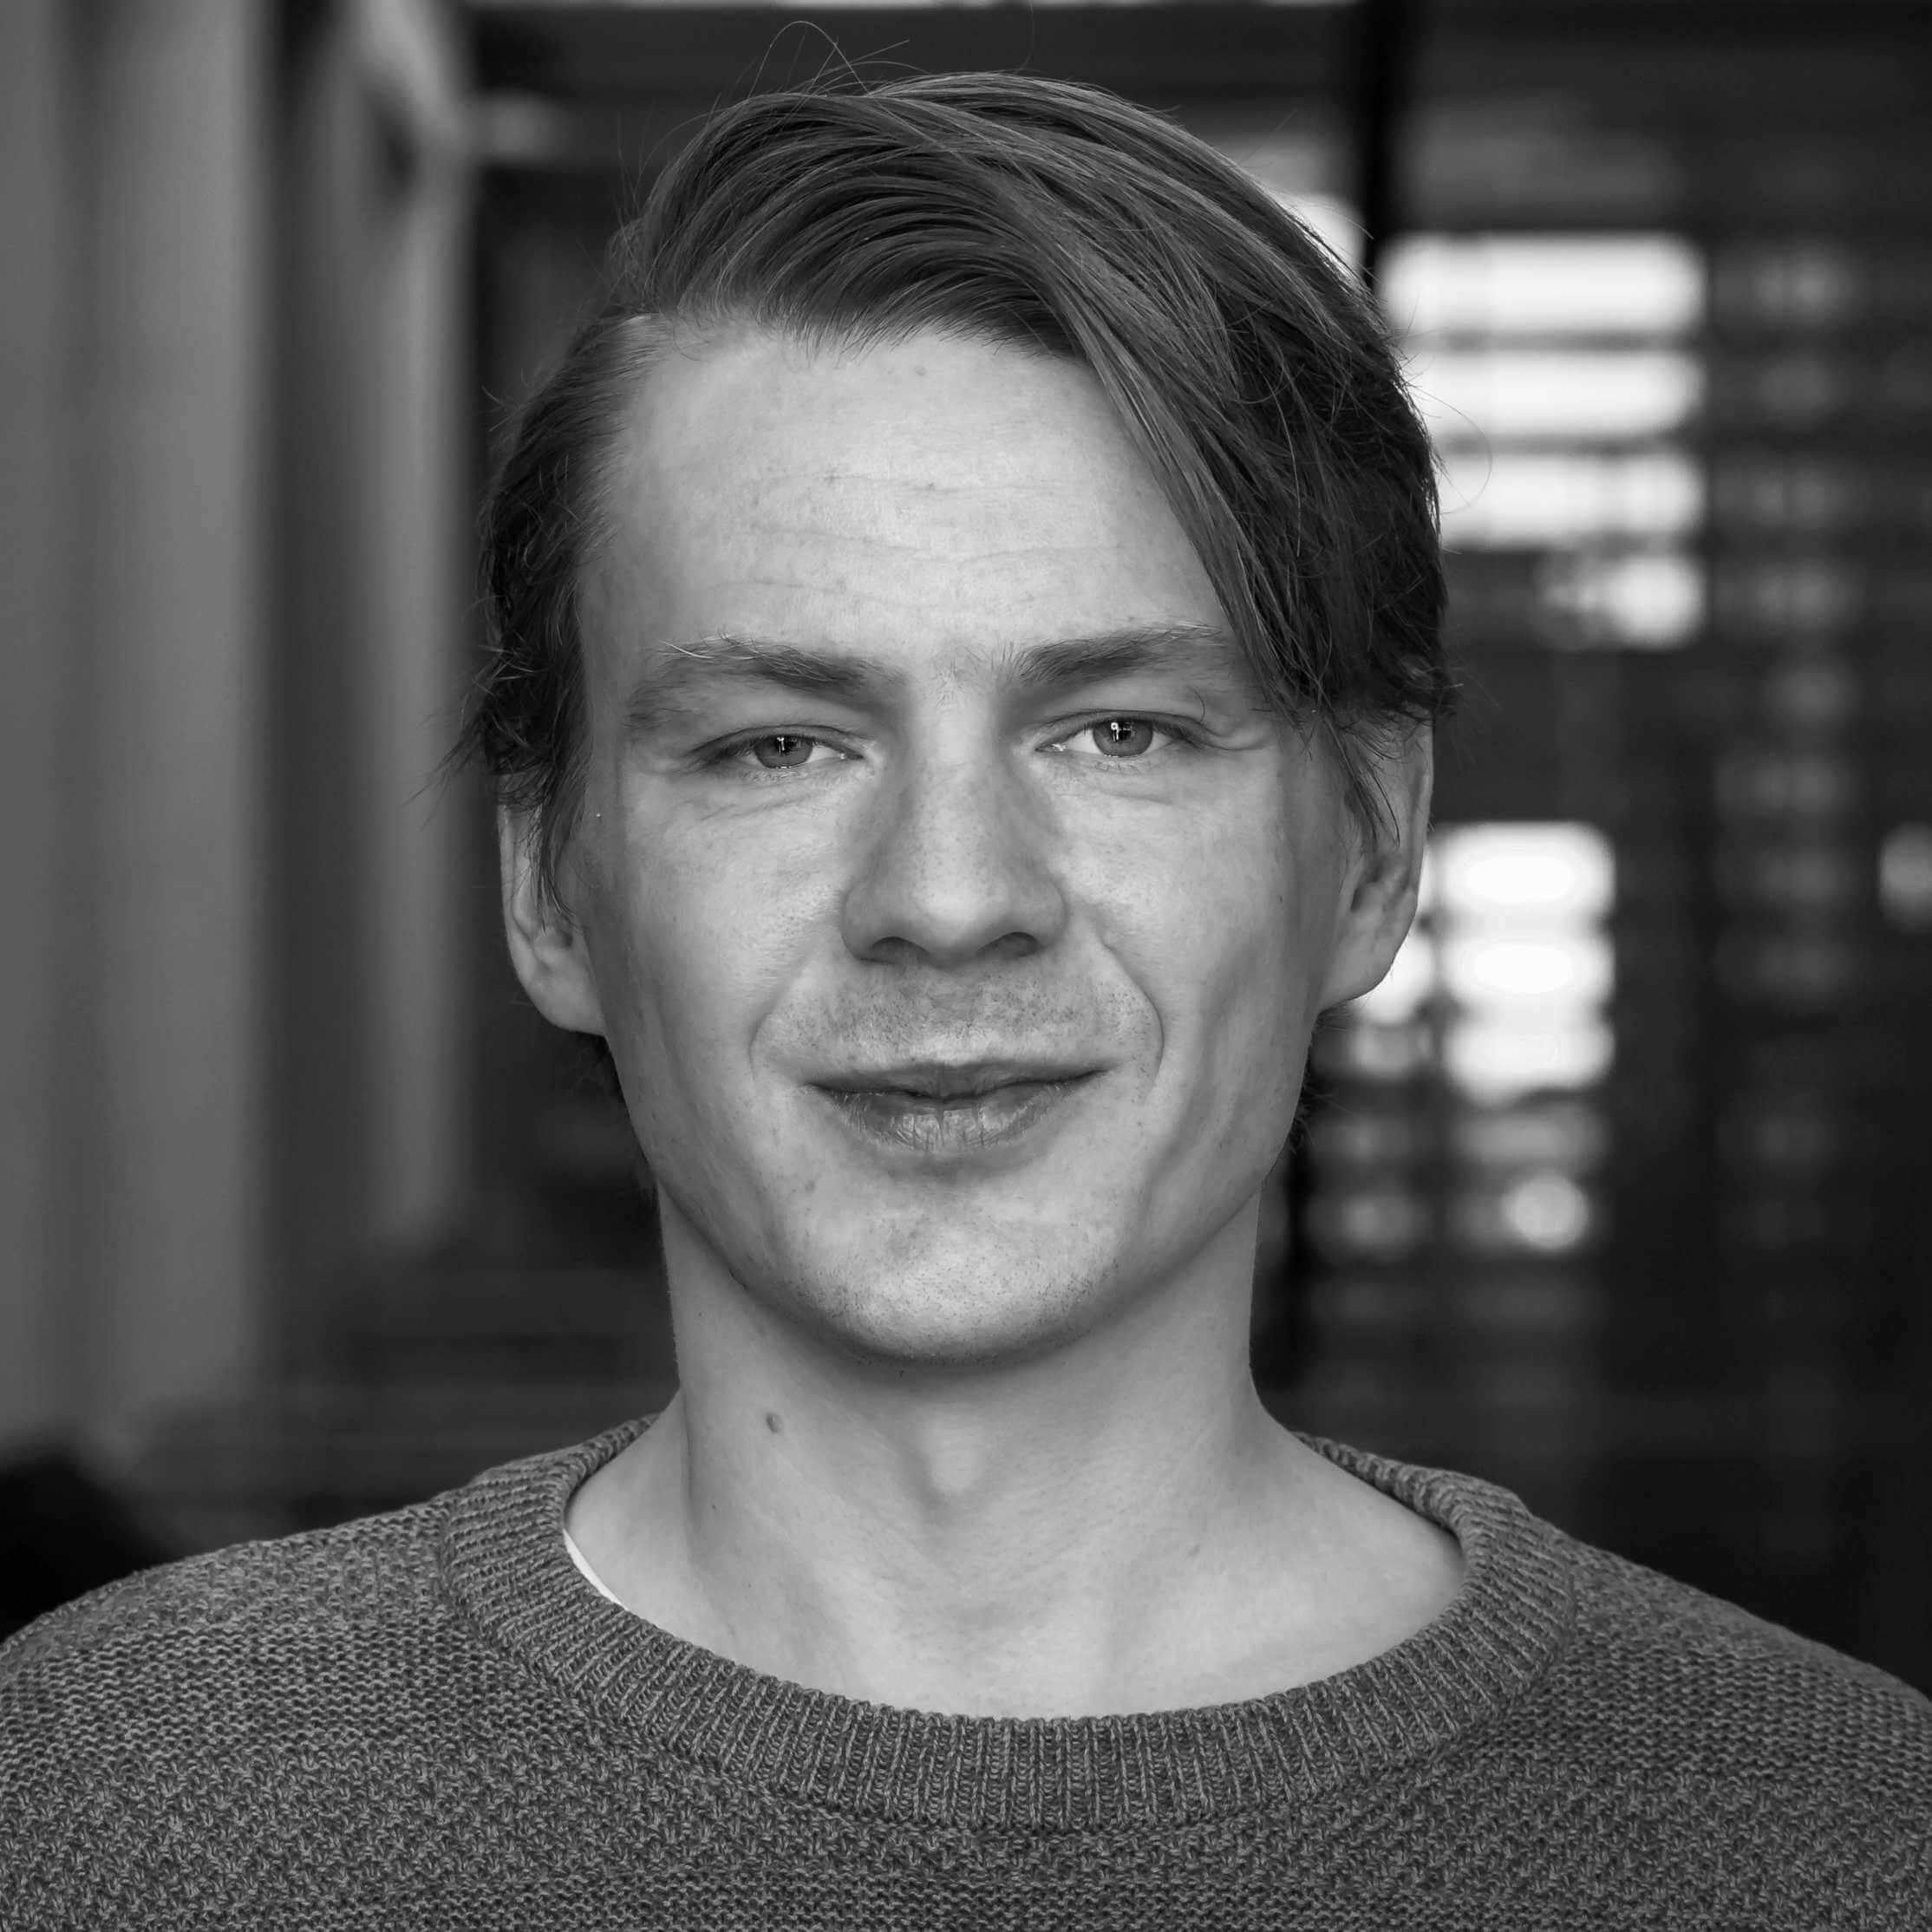 Hans Haraldsson